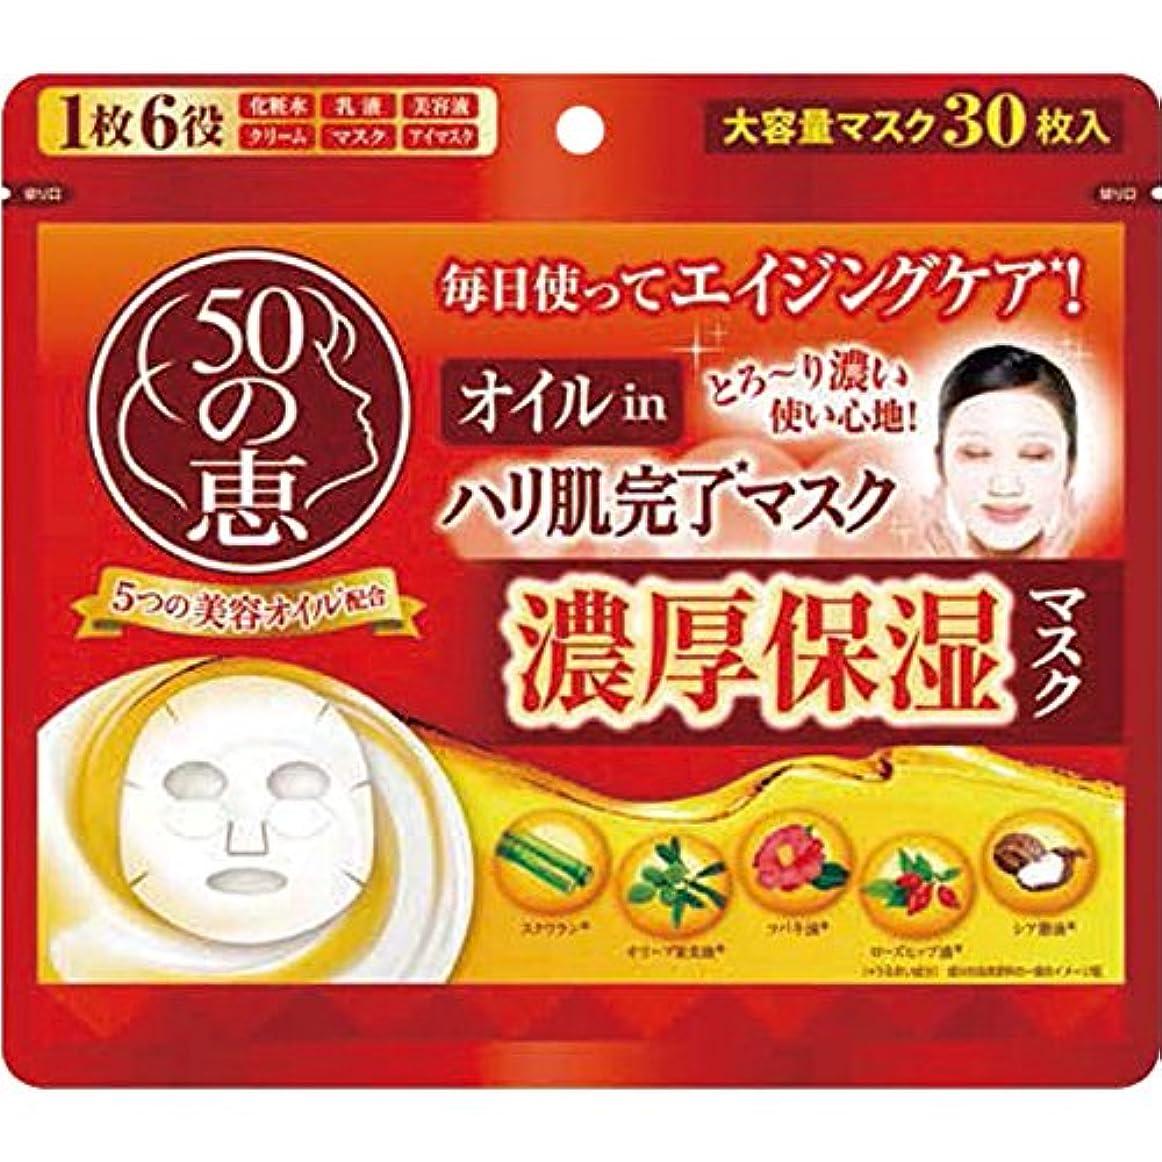 中級適合しましたピカソロート製薬 50の恵エイジングケア 養潤成分50種類×5つの美容オイル配合 オイルinハリ肌完了 エイジングケアマスク 30枚